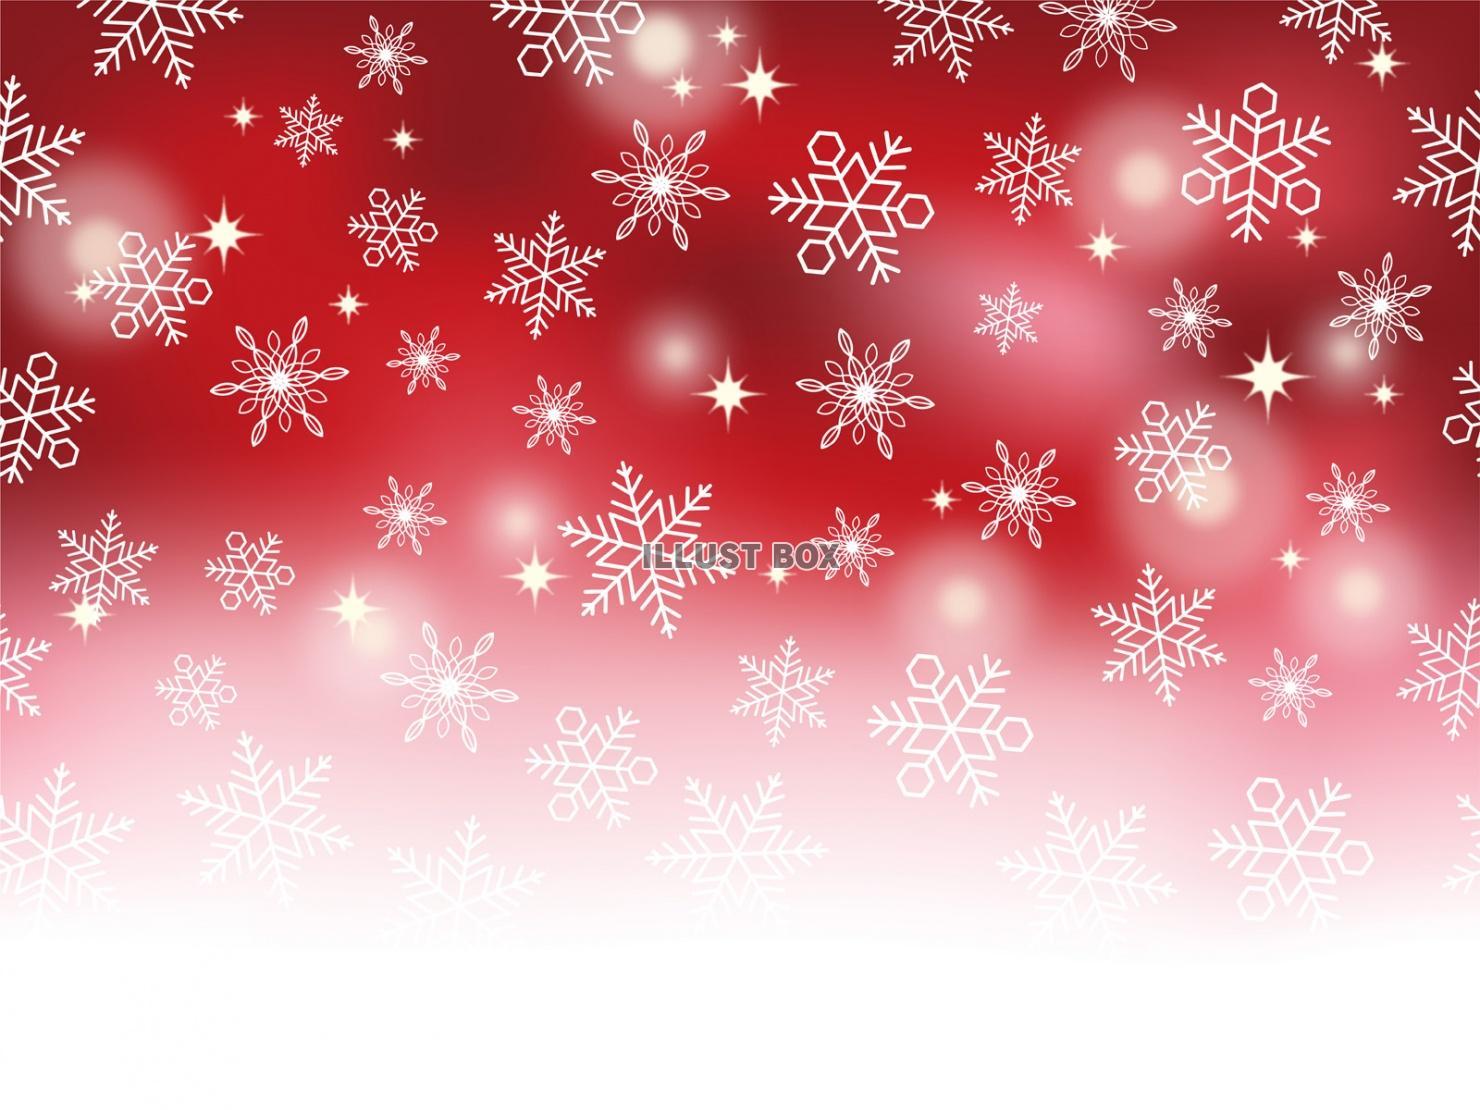 無料イラスト シームレスな雪の背景 赤